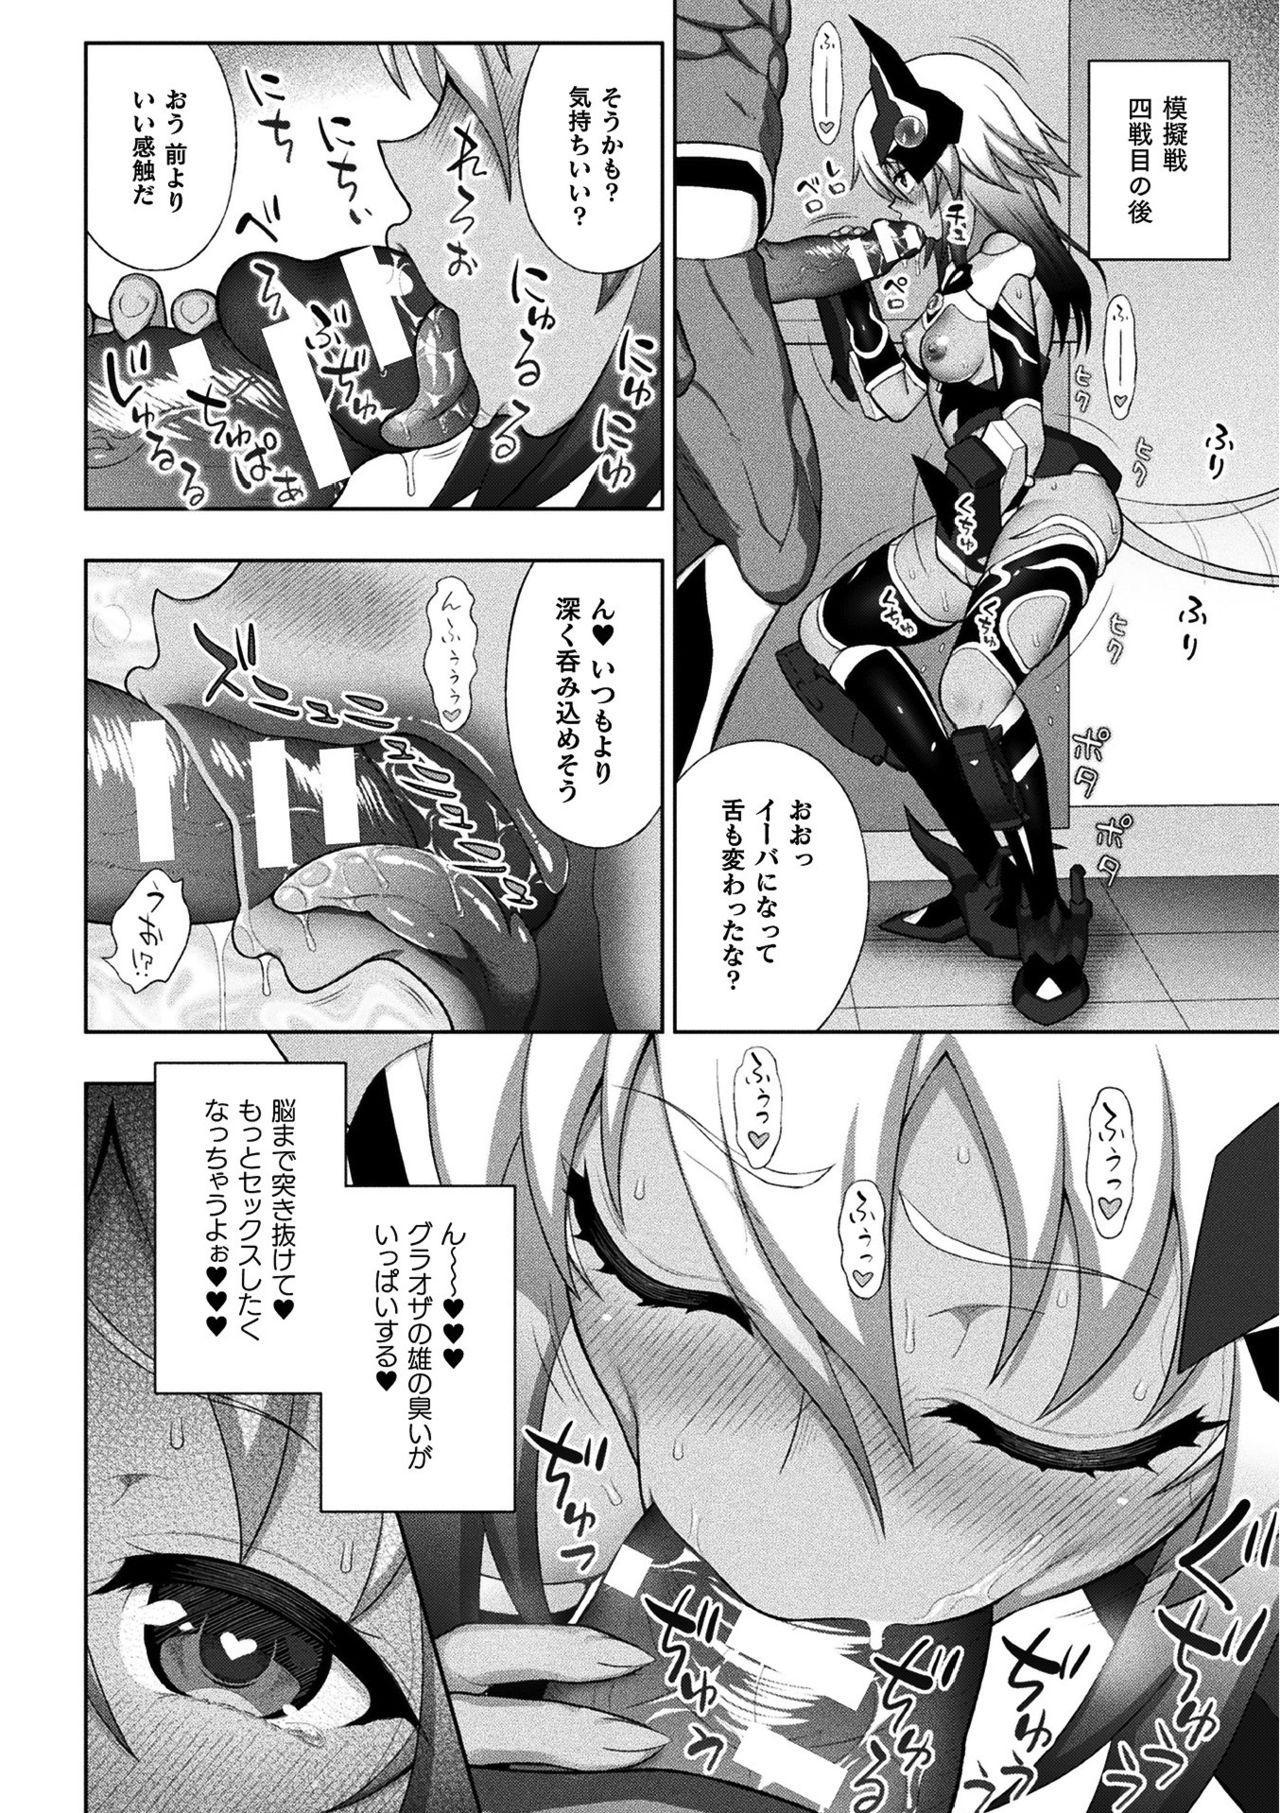 Kukkoro Heroines Vol. 12 7